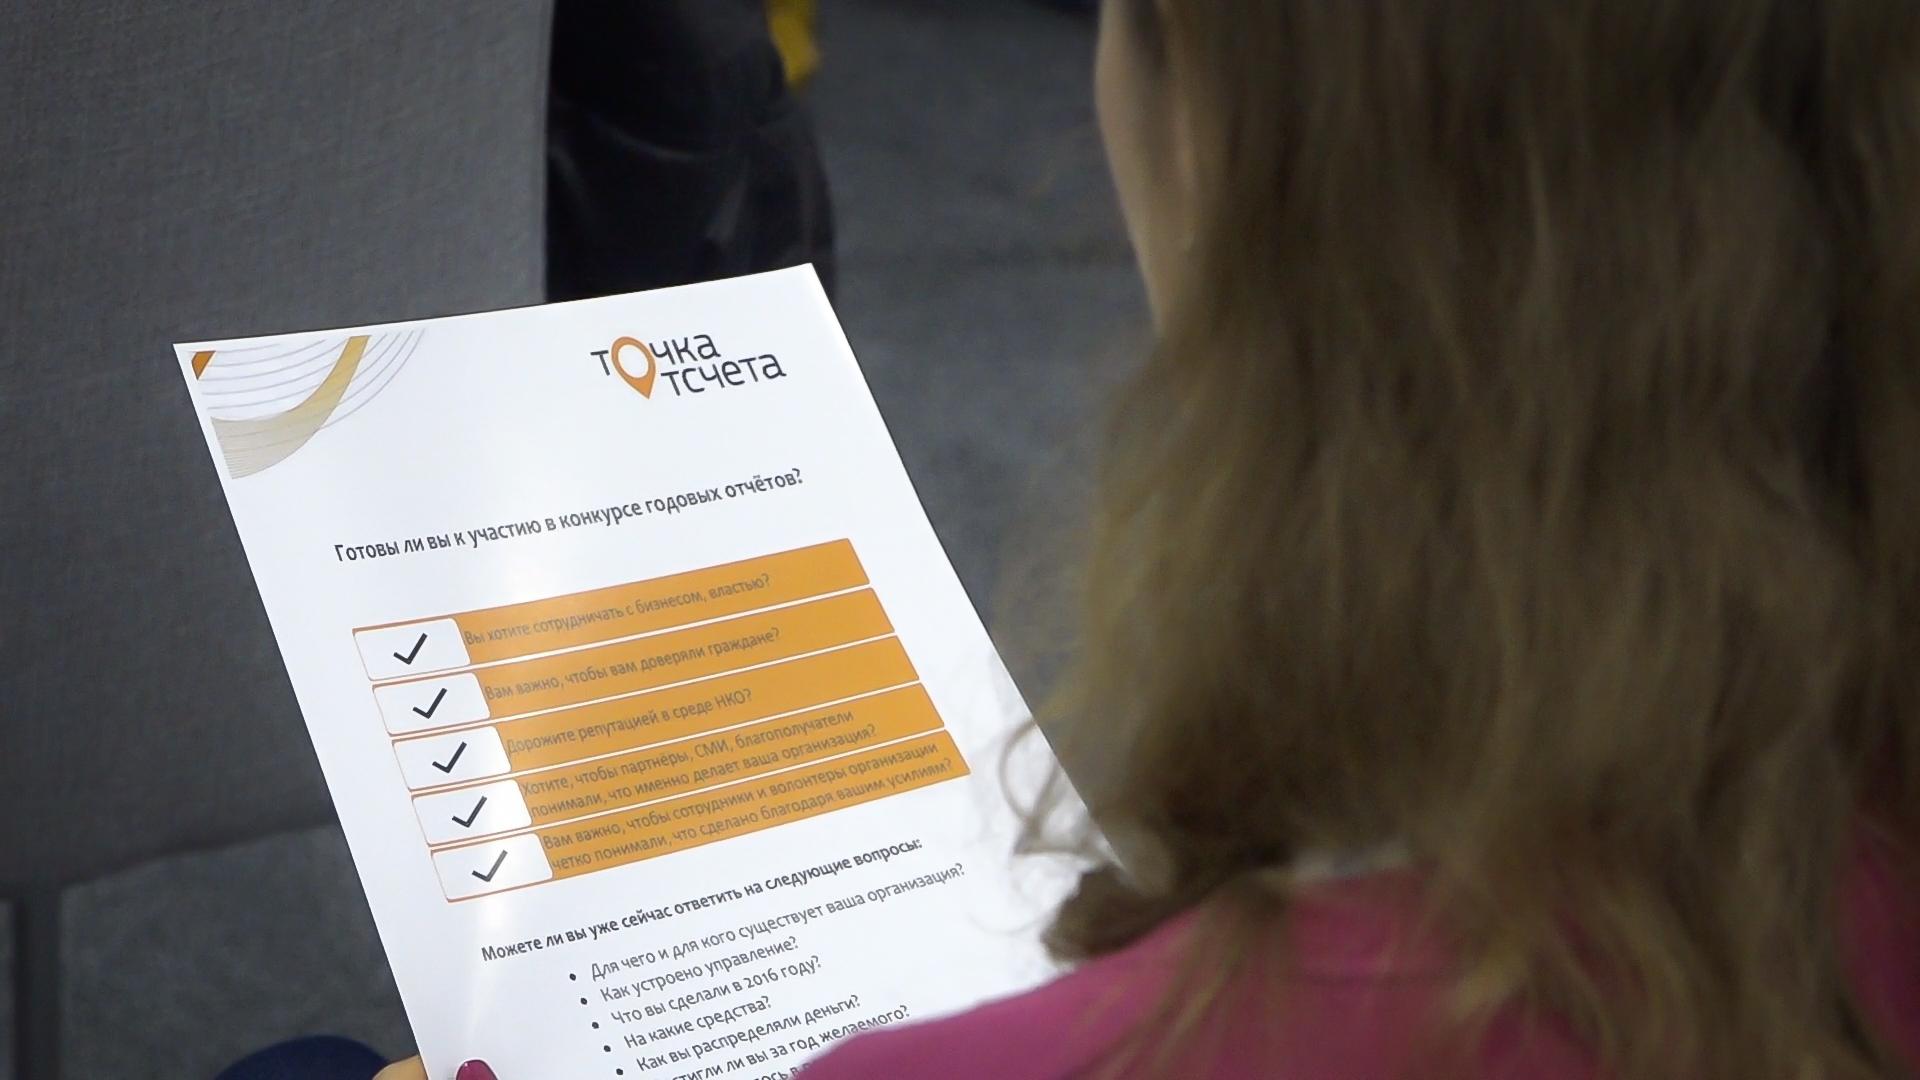 Всероссийский конкурс годовых отчётов «Точка отсчёта» начал принимать заявки 1 мая